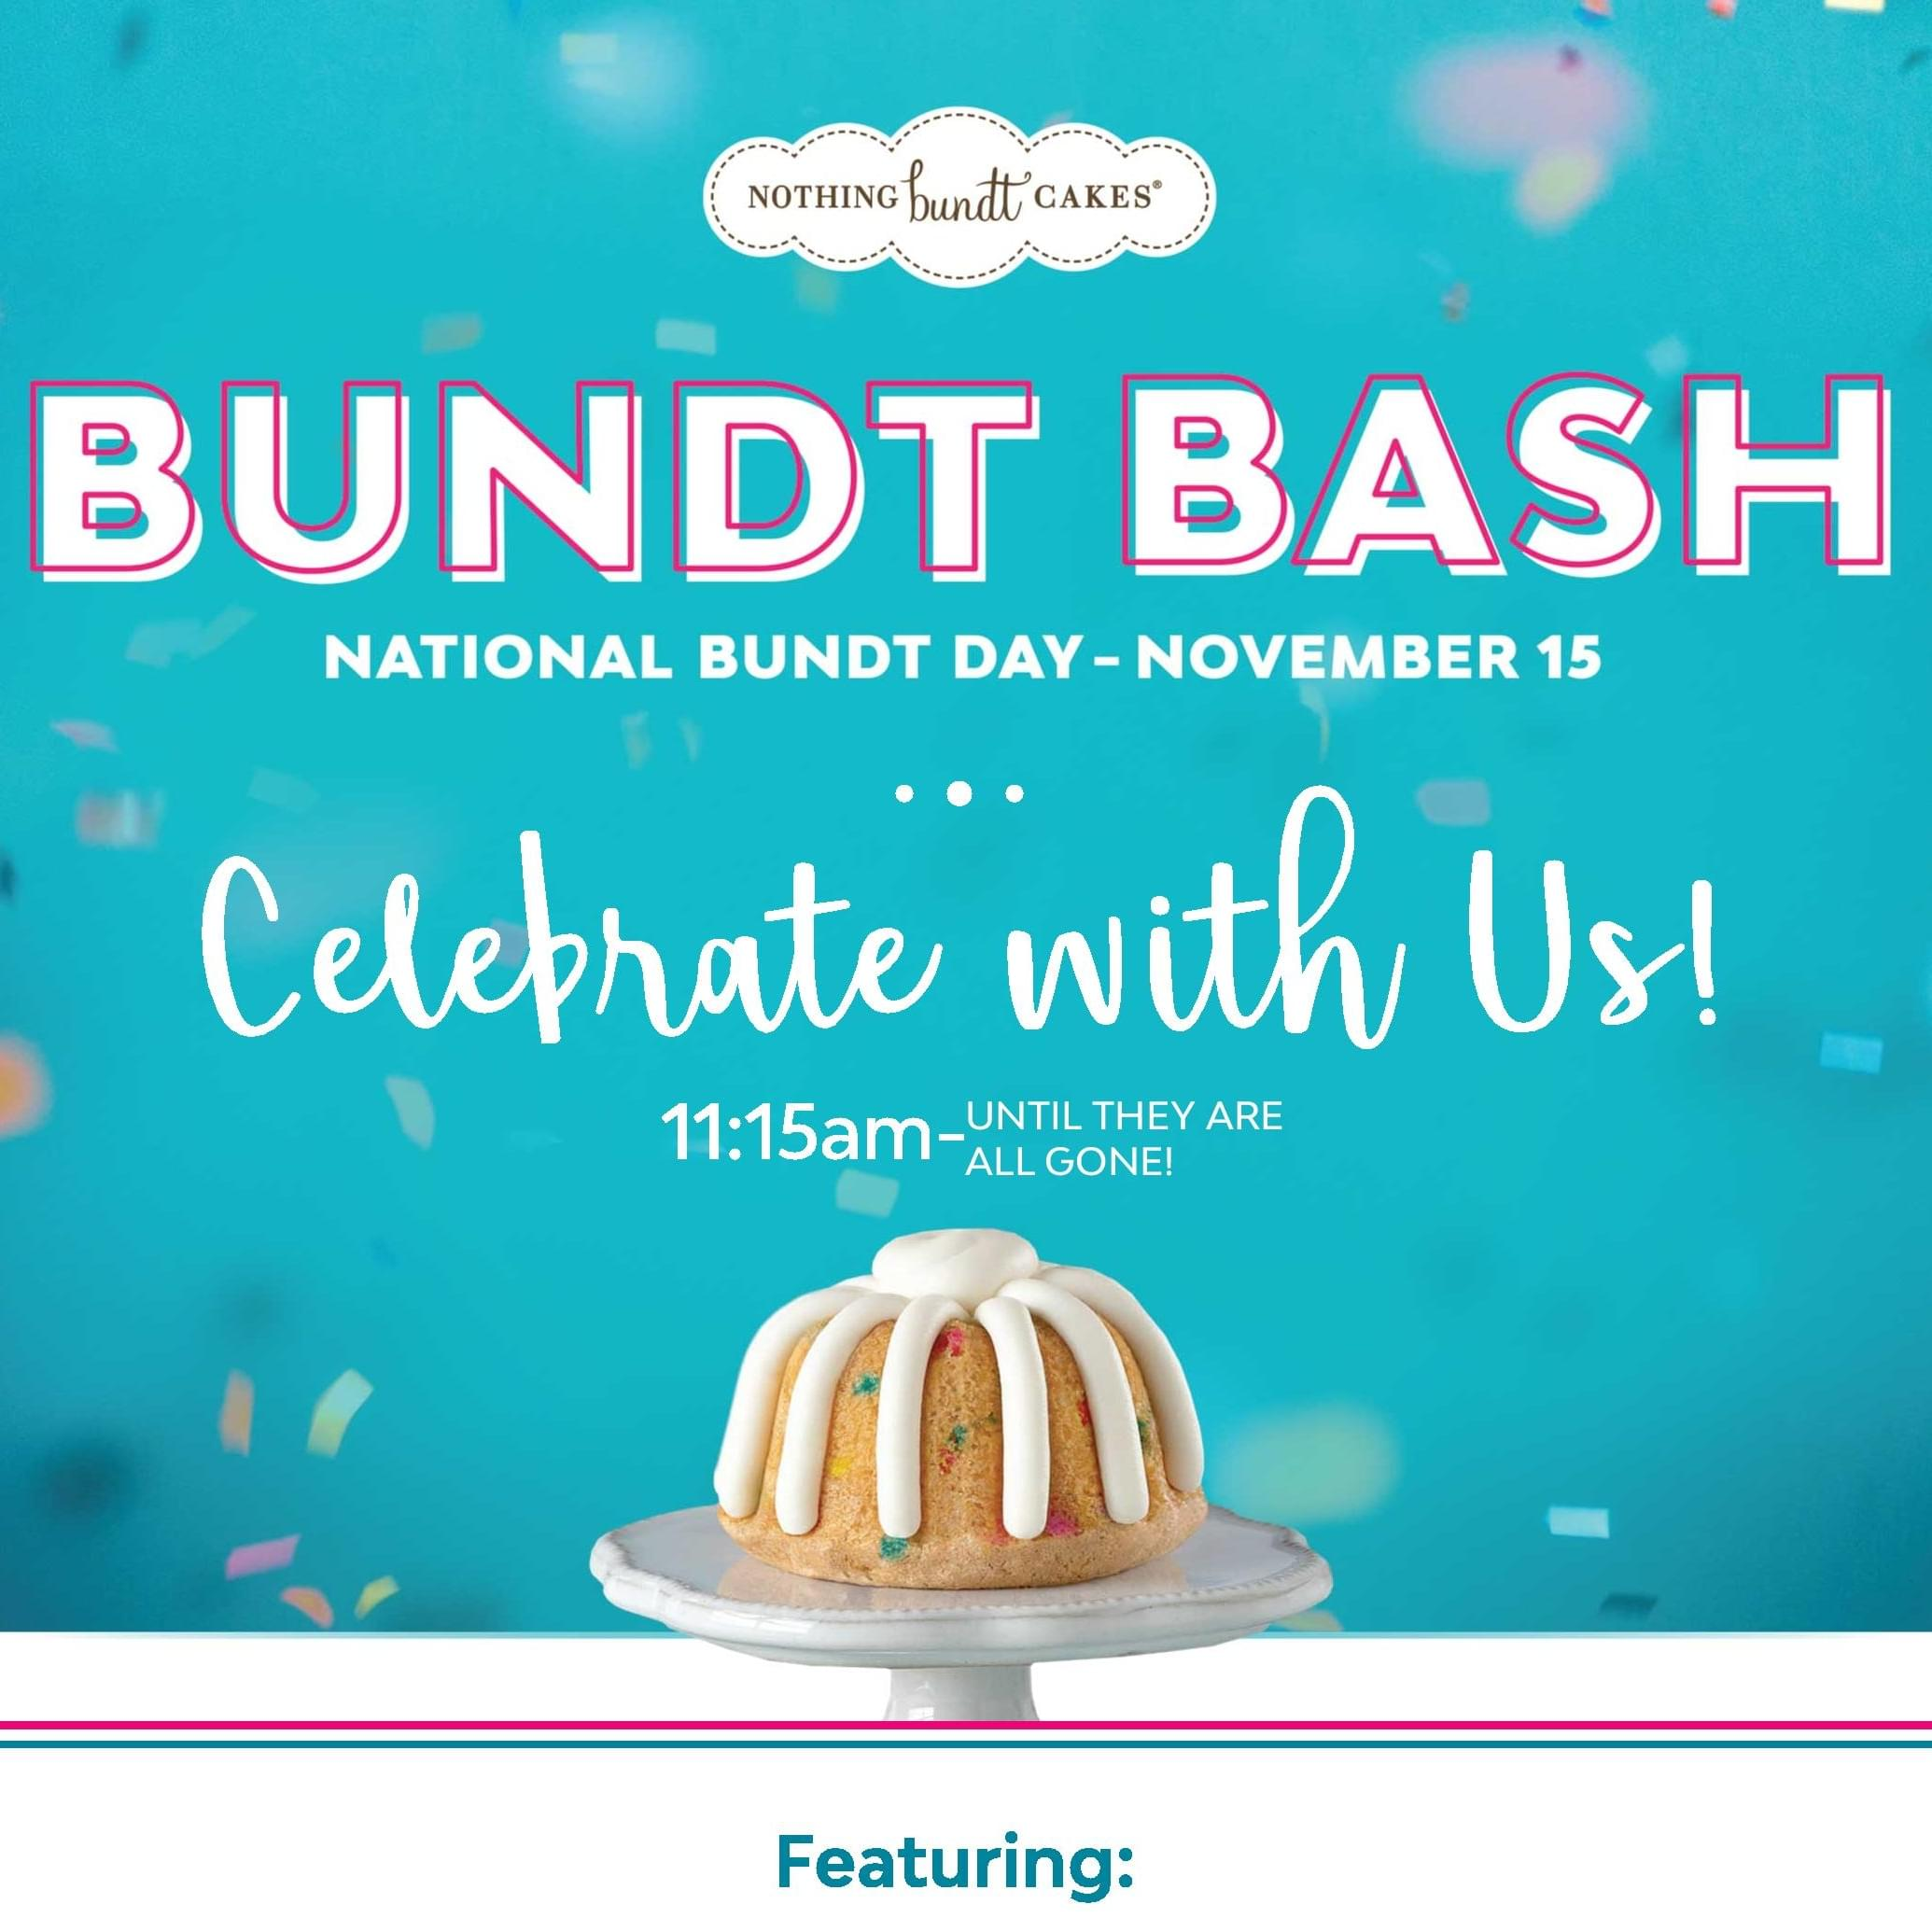 11/15: Bundt Bash at Nothing Bundt Cakes